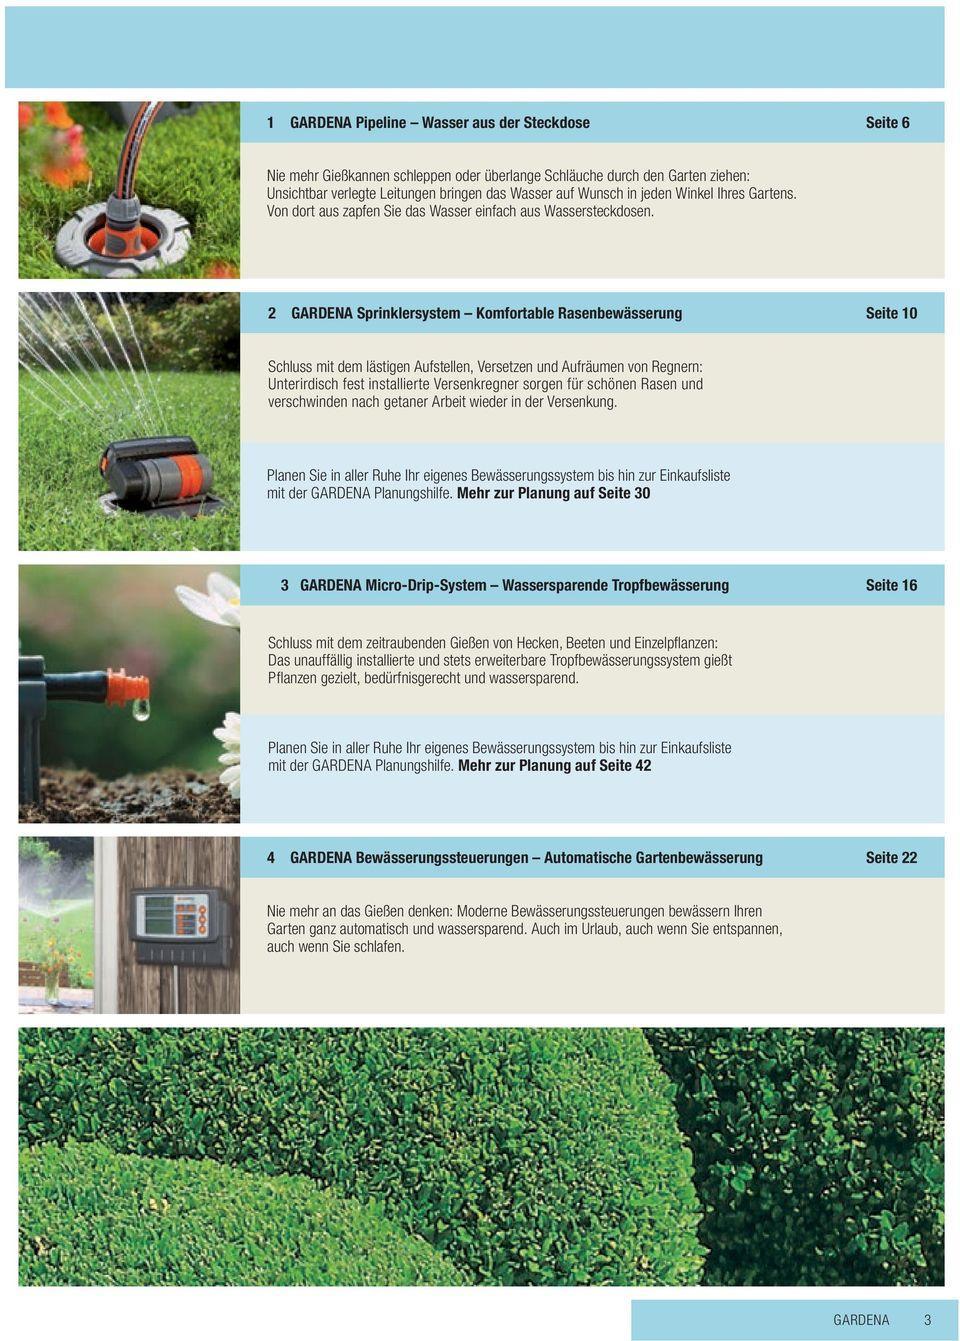 Unterirdisch Bewässerungssystem Gardena